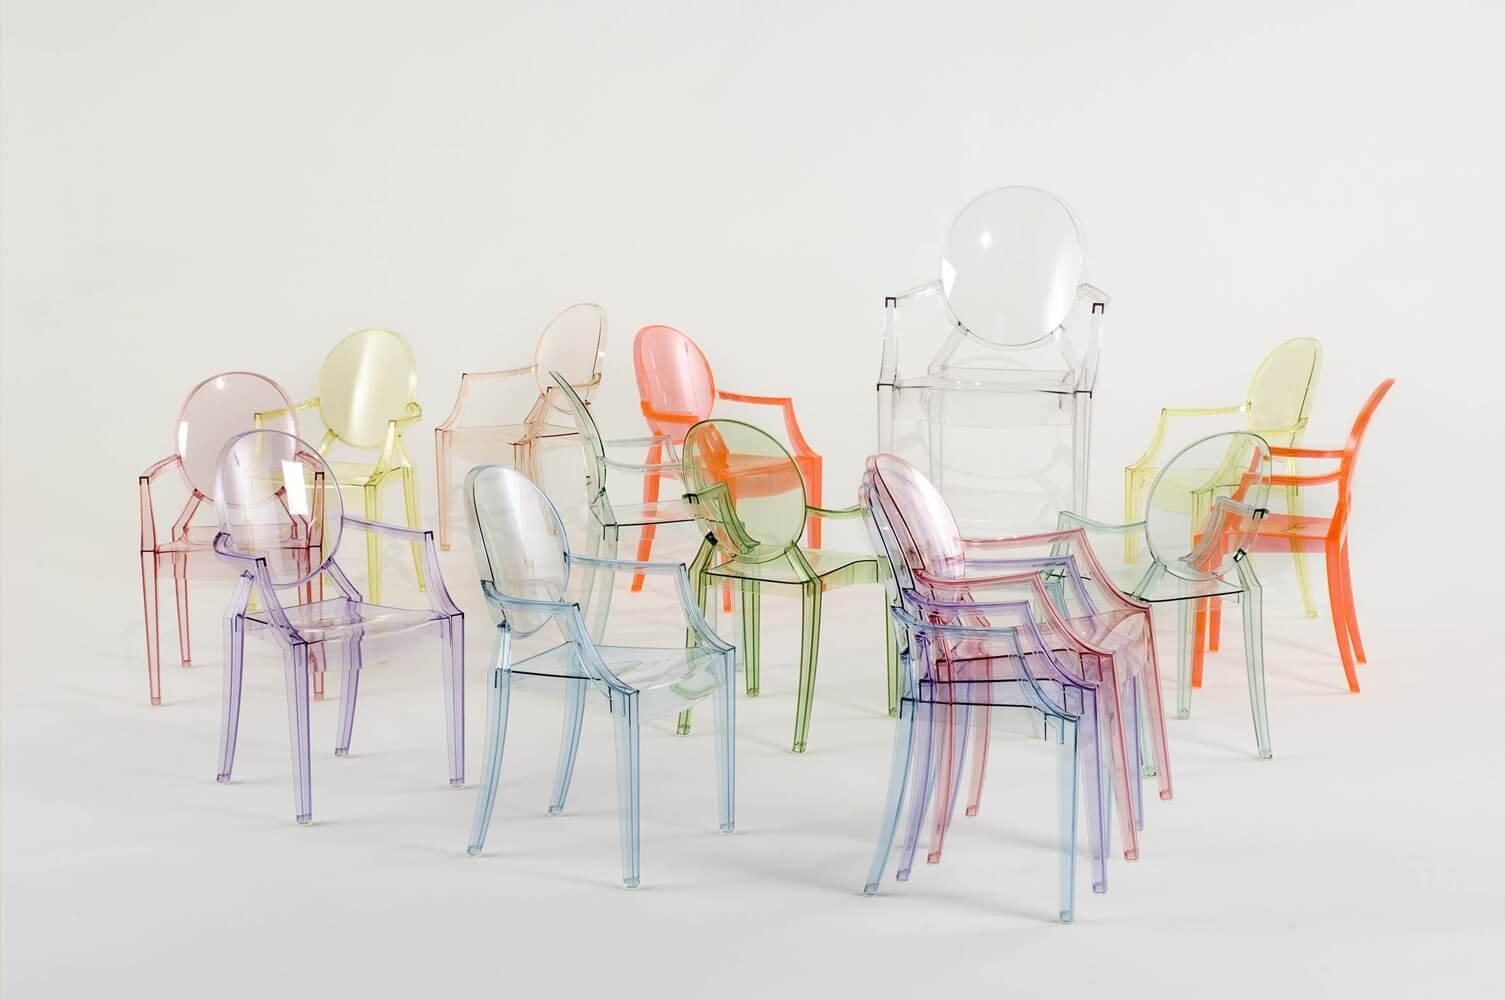 Philippe Starck: der Allgemeinheit gewidmet